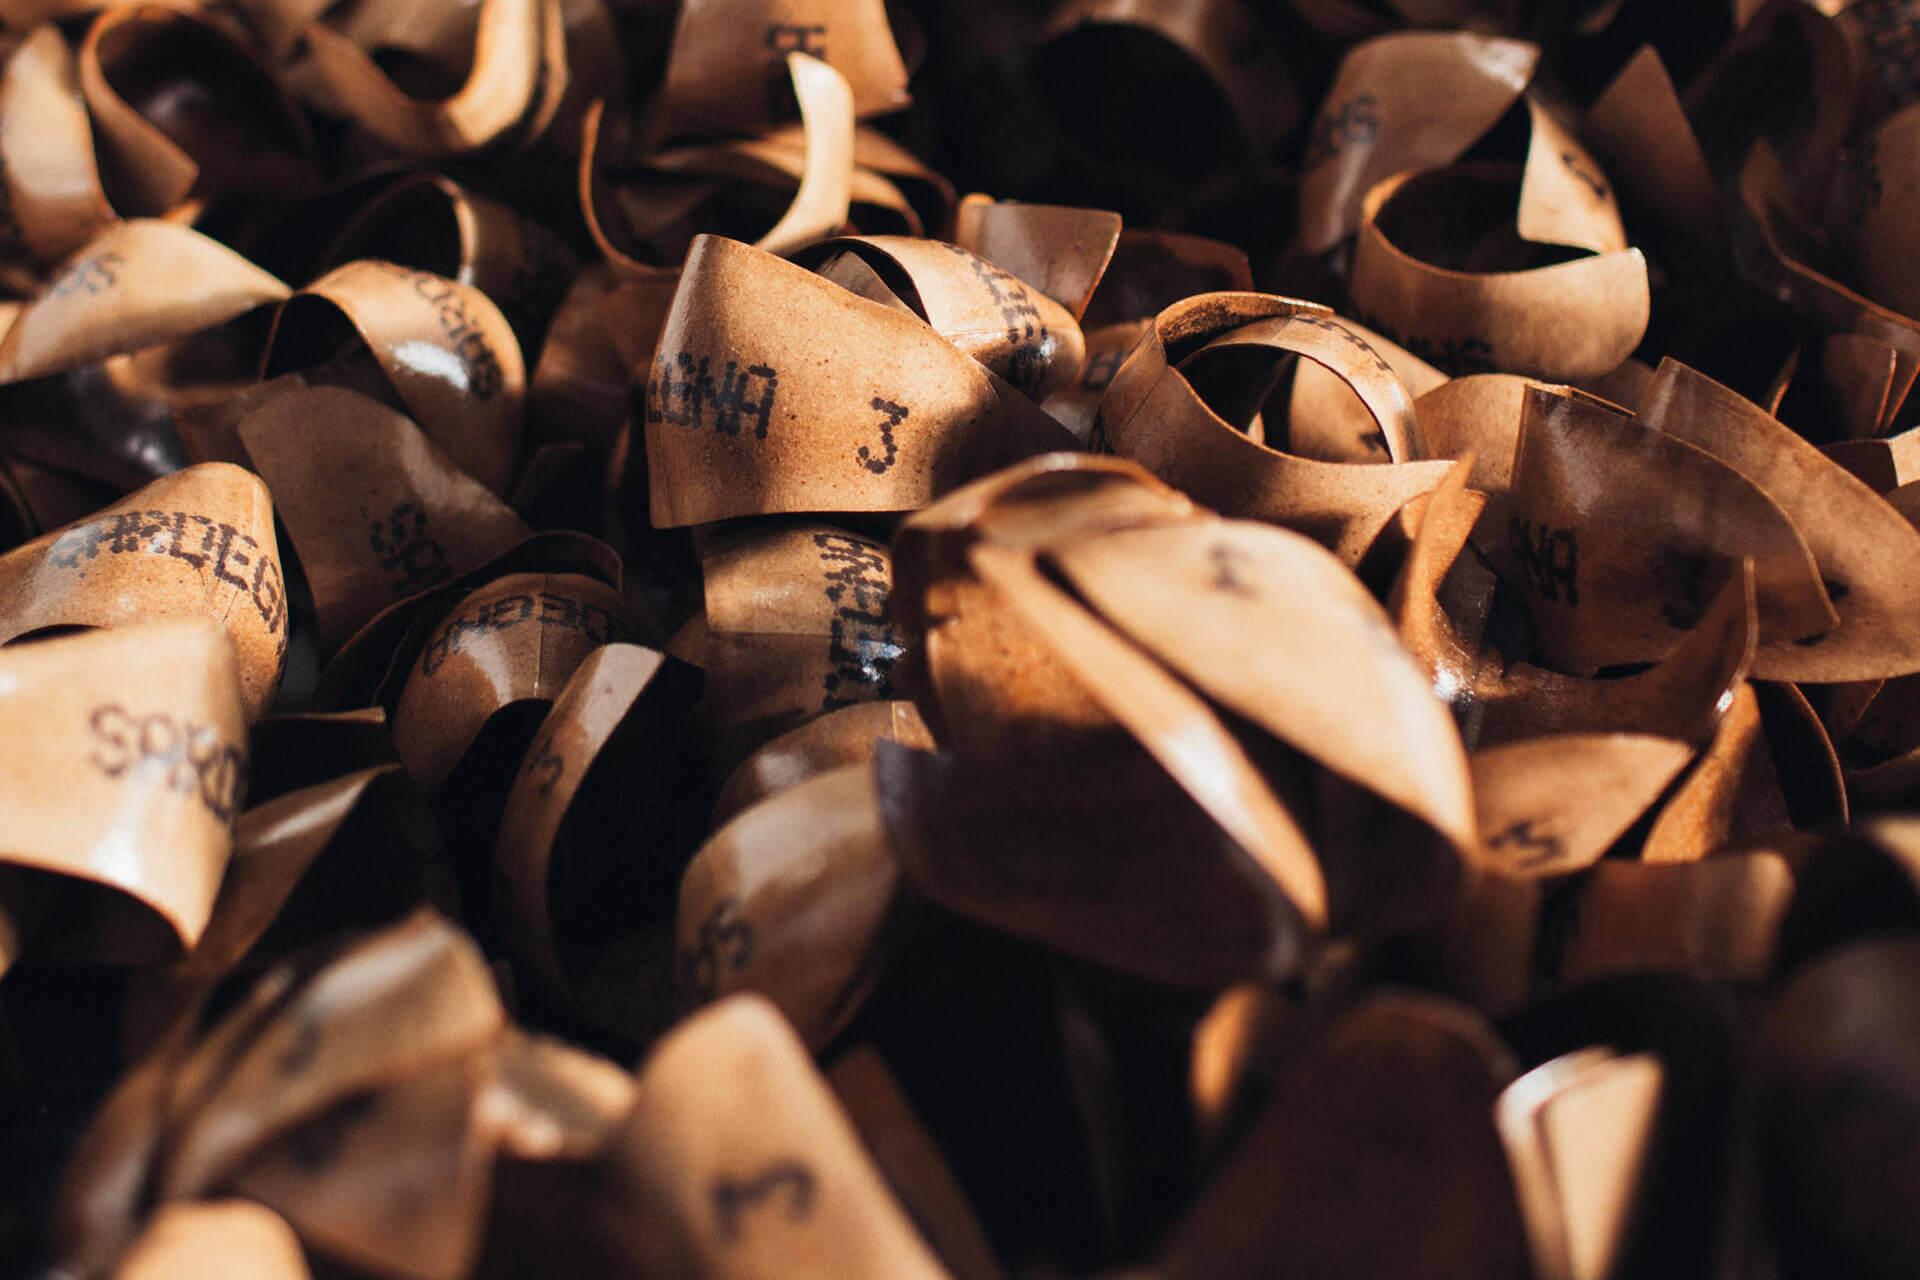 Puntali e contrafforti per calzature